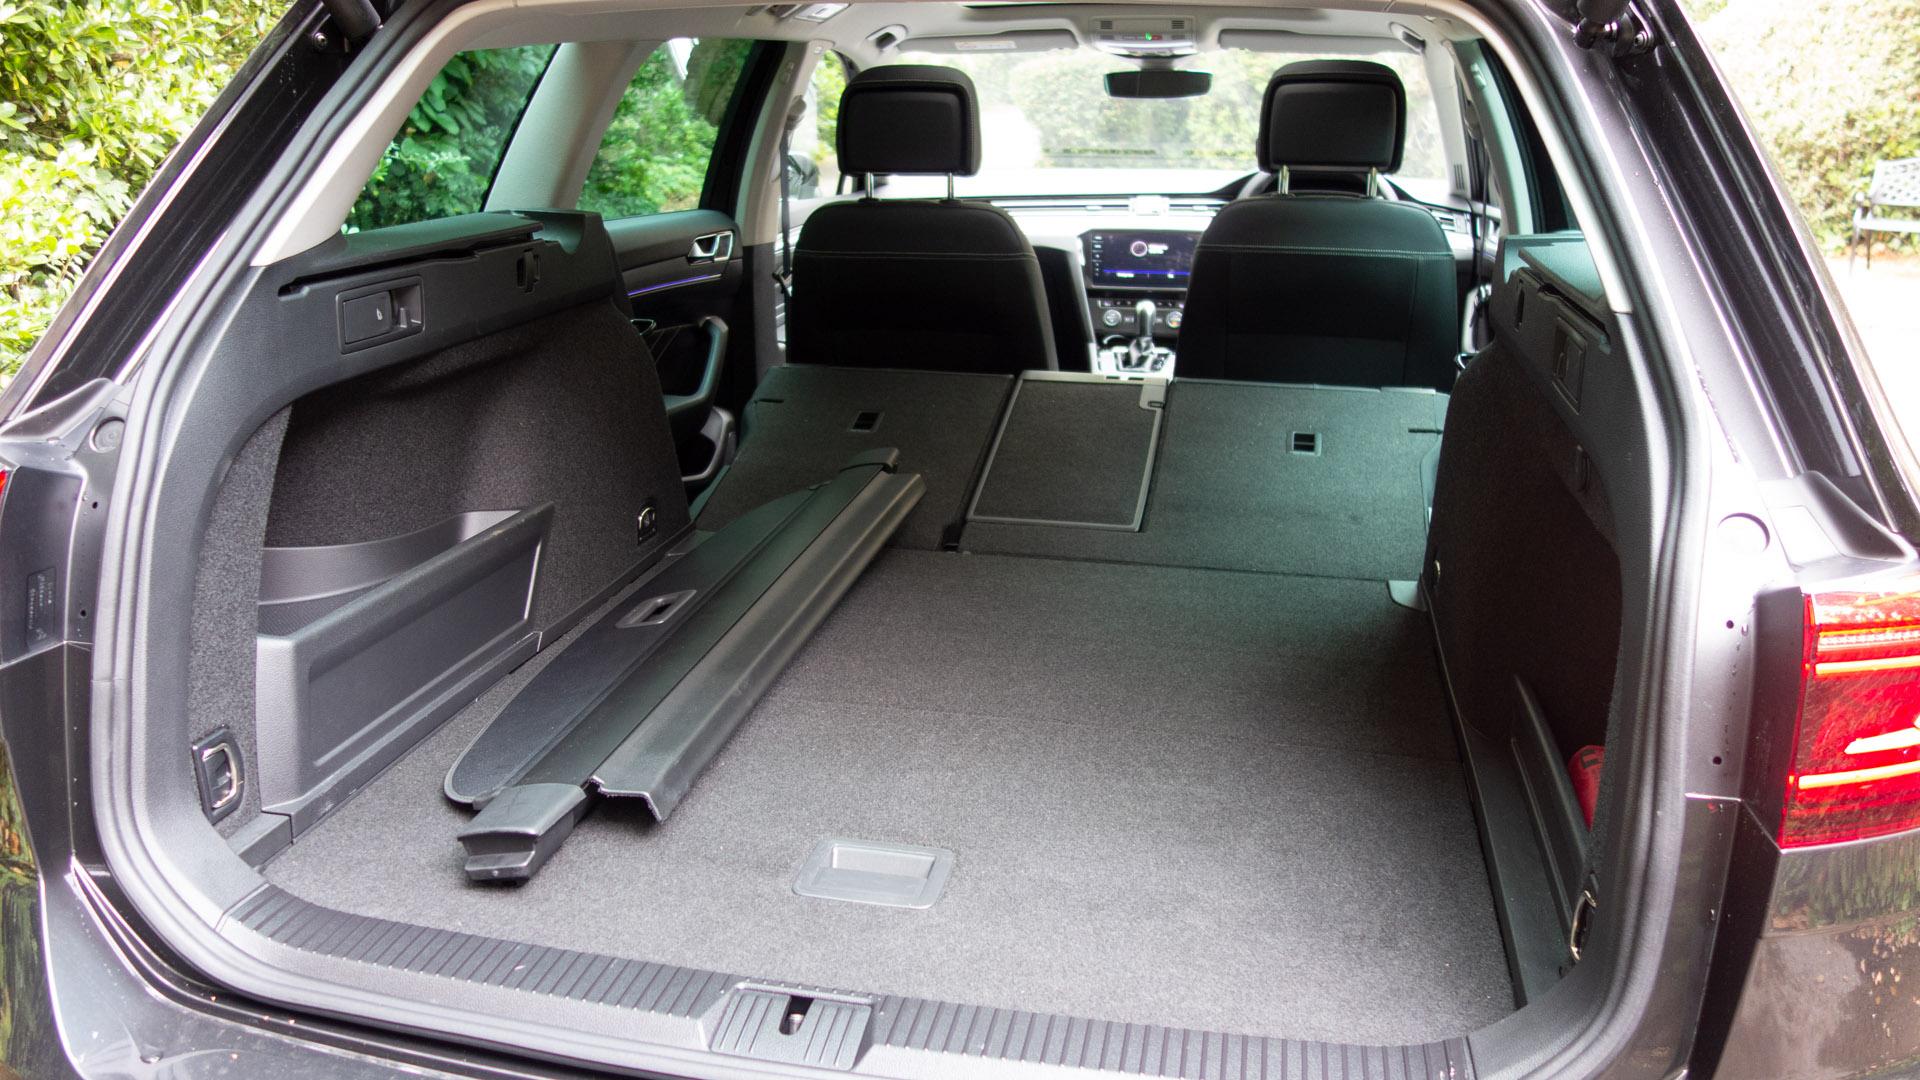 Volkswagen Passat Estate Gte Review The Best Hybrid Estate Totallyev